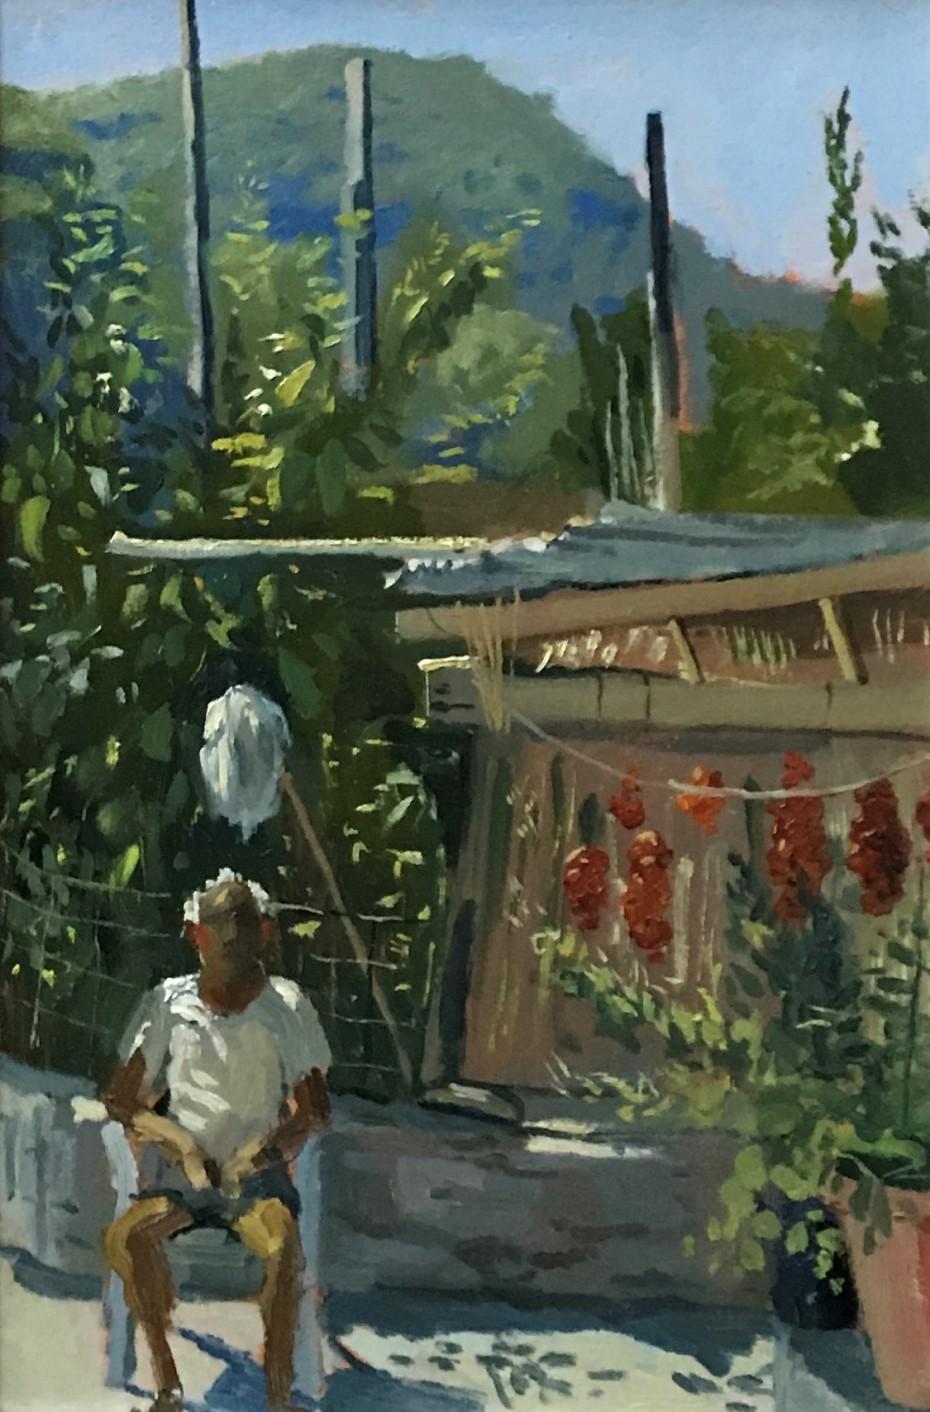 Pomodori di Giraldo, Ischia